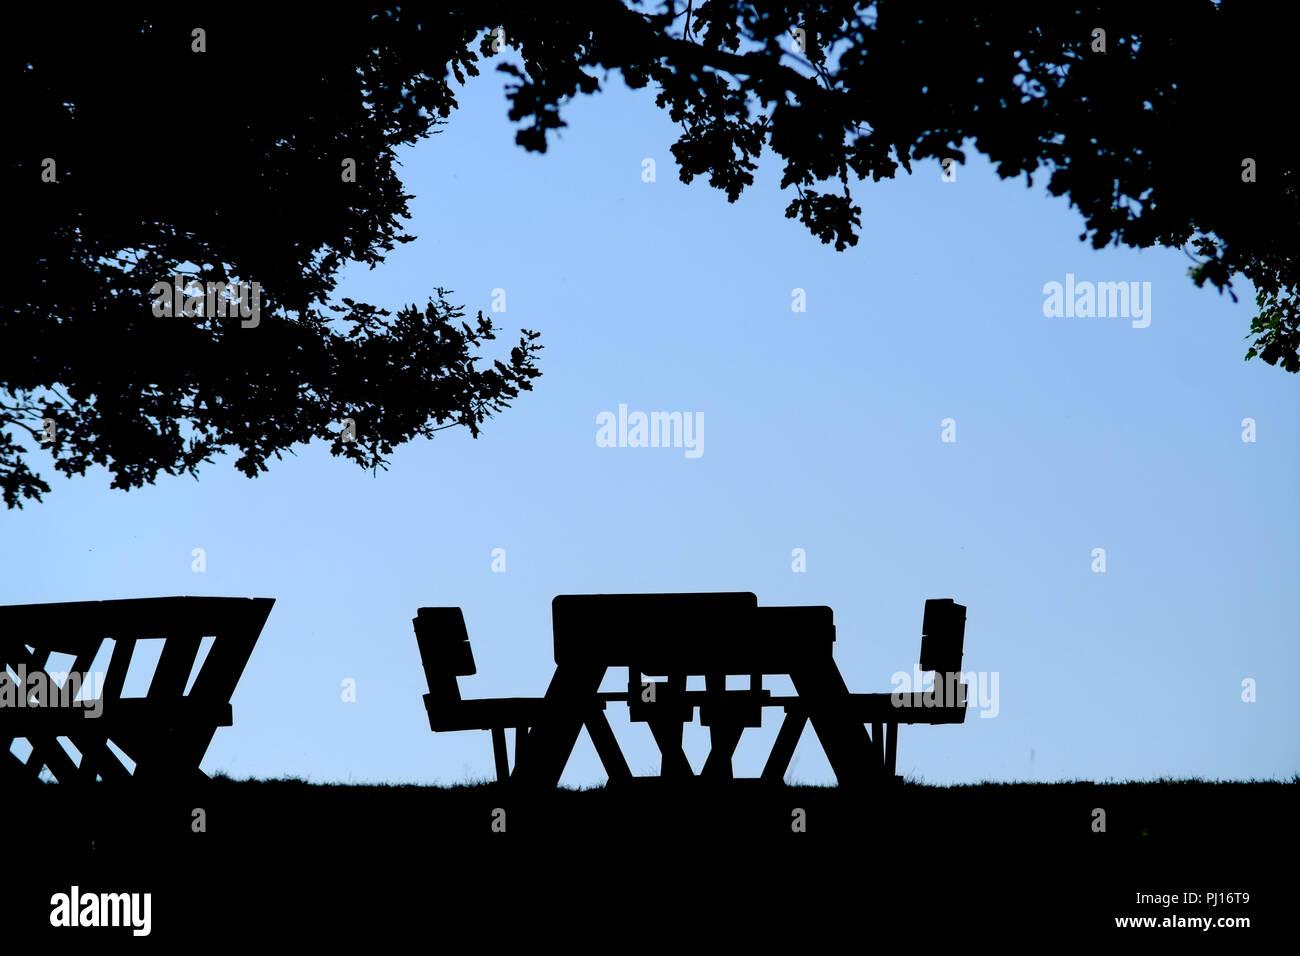 Picknick Tisch unter einem Baum, Silhouette. Stockfoto